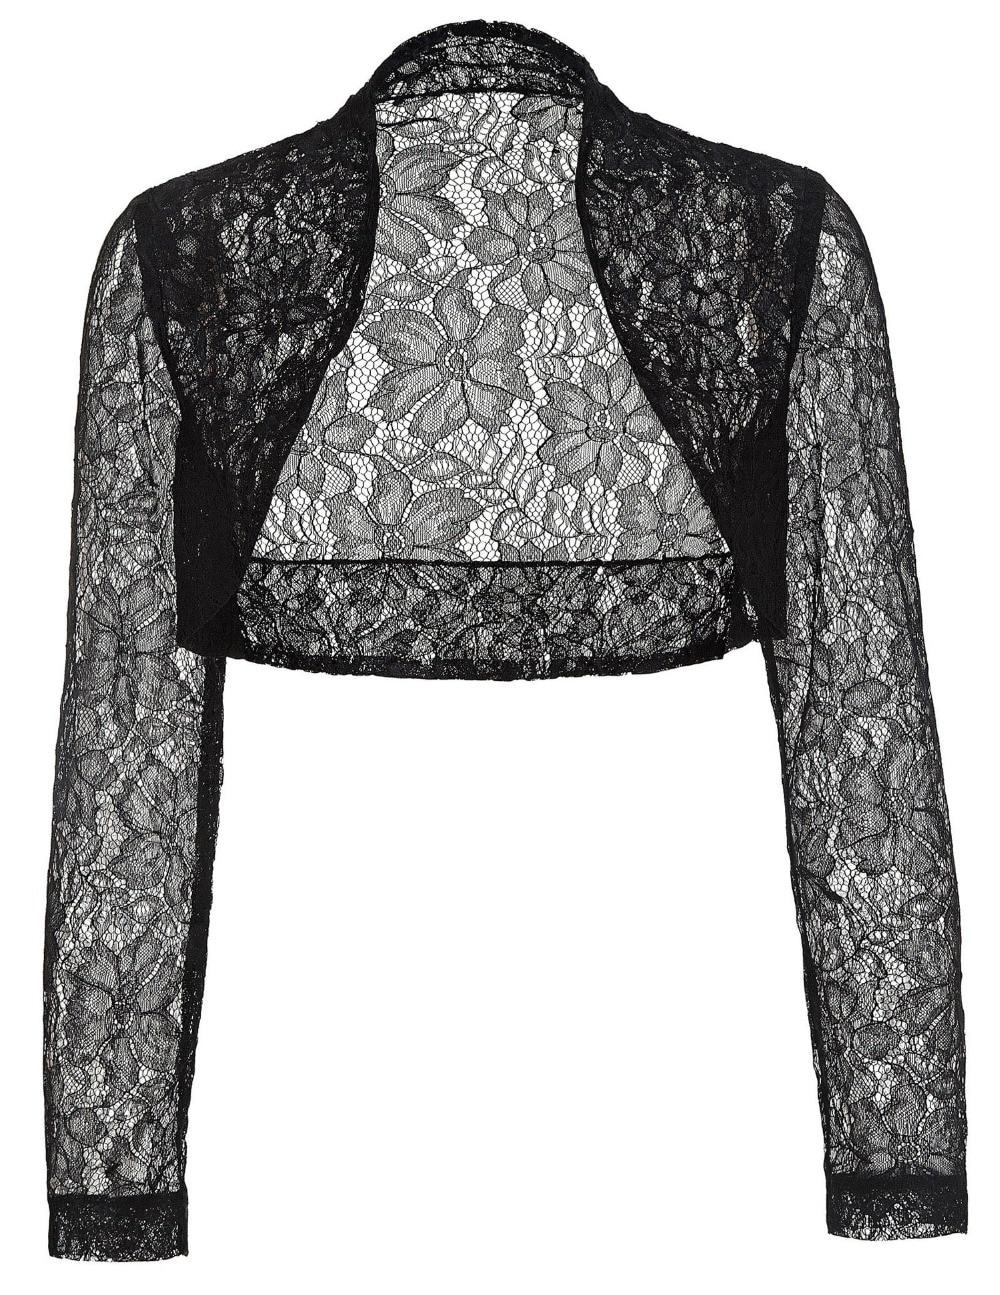 Elegant long sleeve lace bolero jacket wedding accessories for Black lace jacket for wedding dress